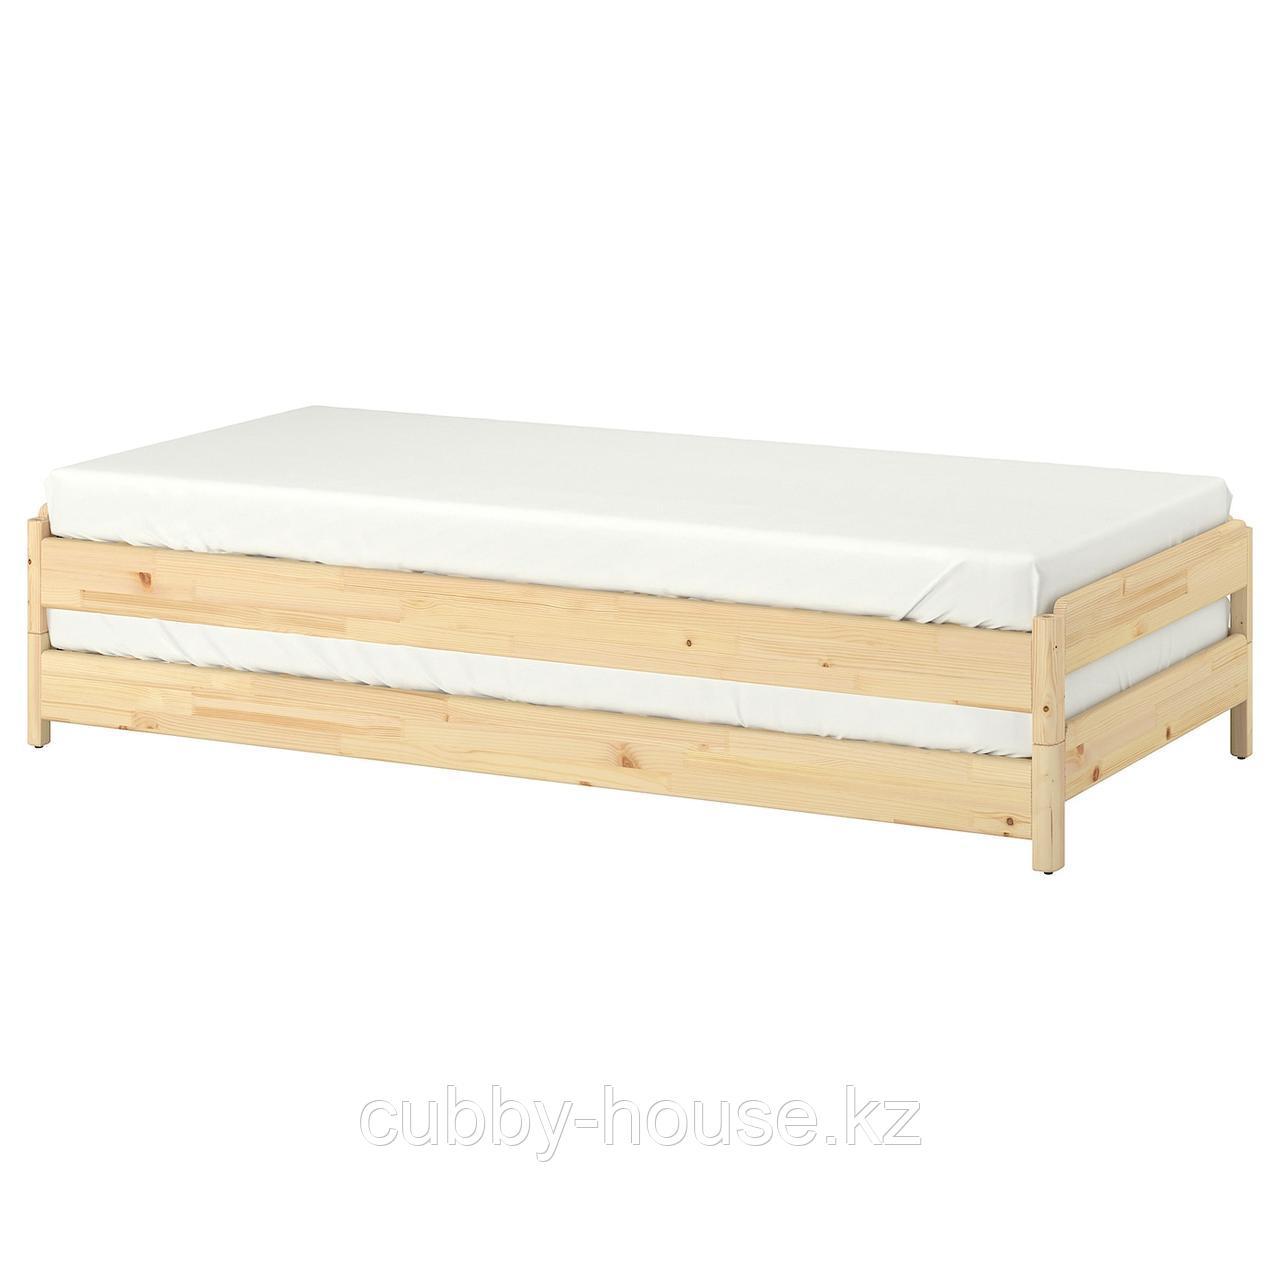 УТОКЕР Штабелируемые кровати с 2 матрасами, сосна, Хусвика жесткий, 80x200 см